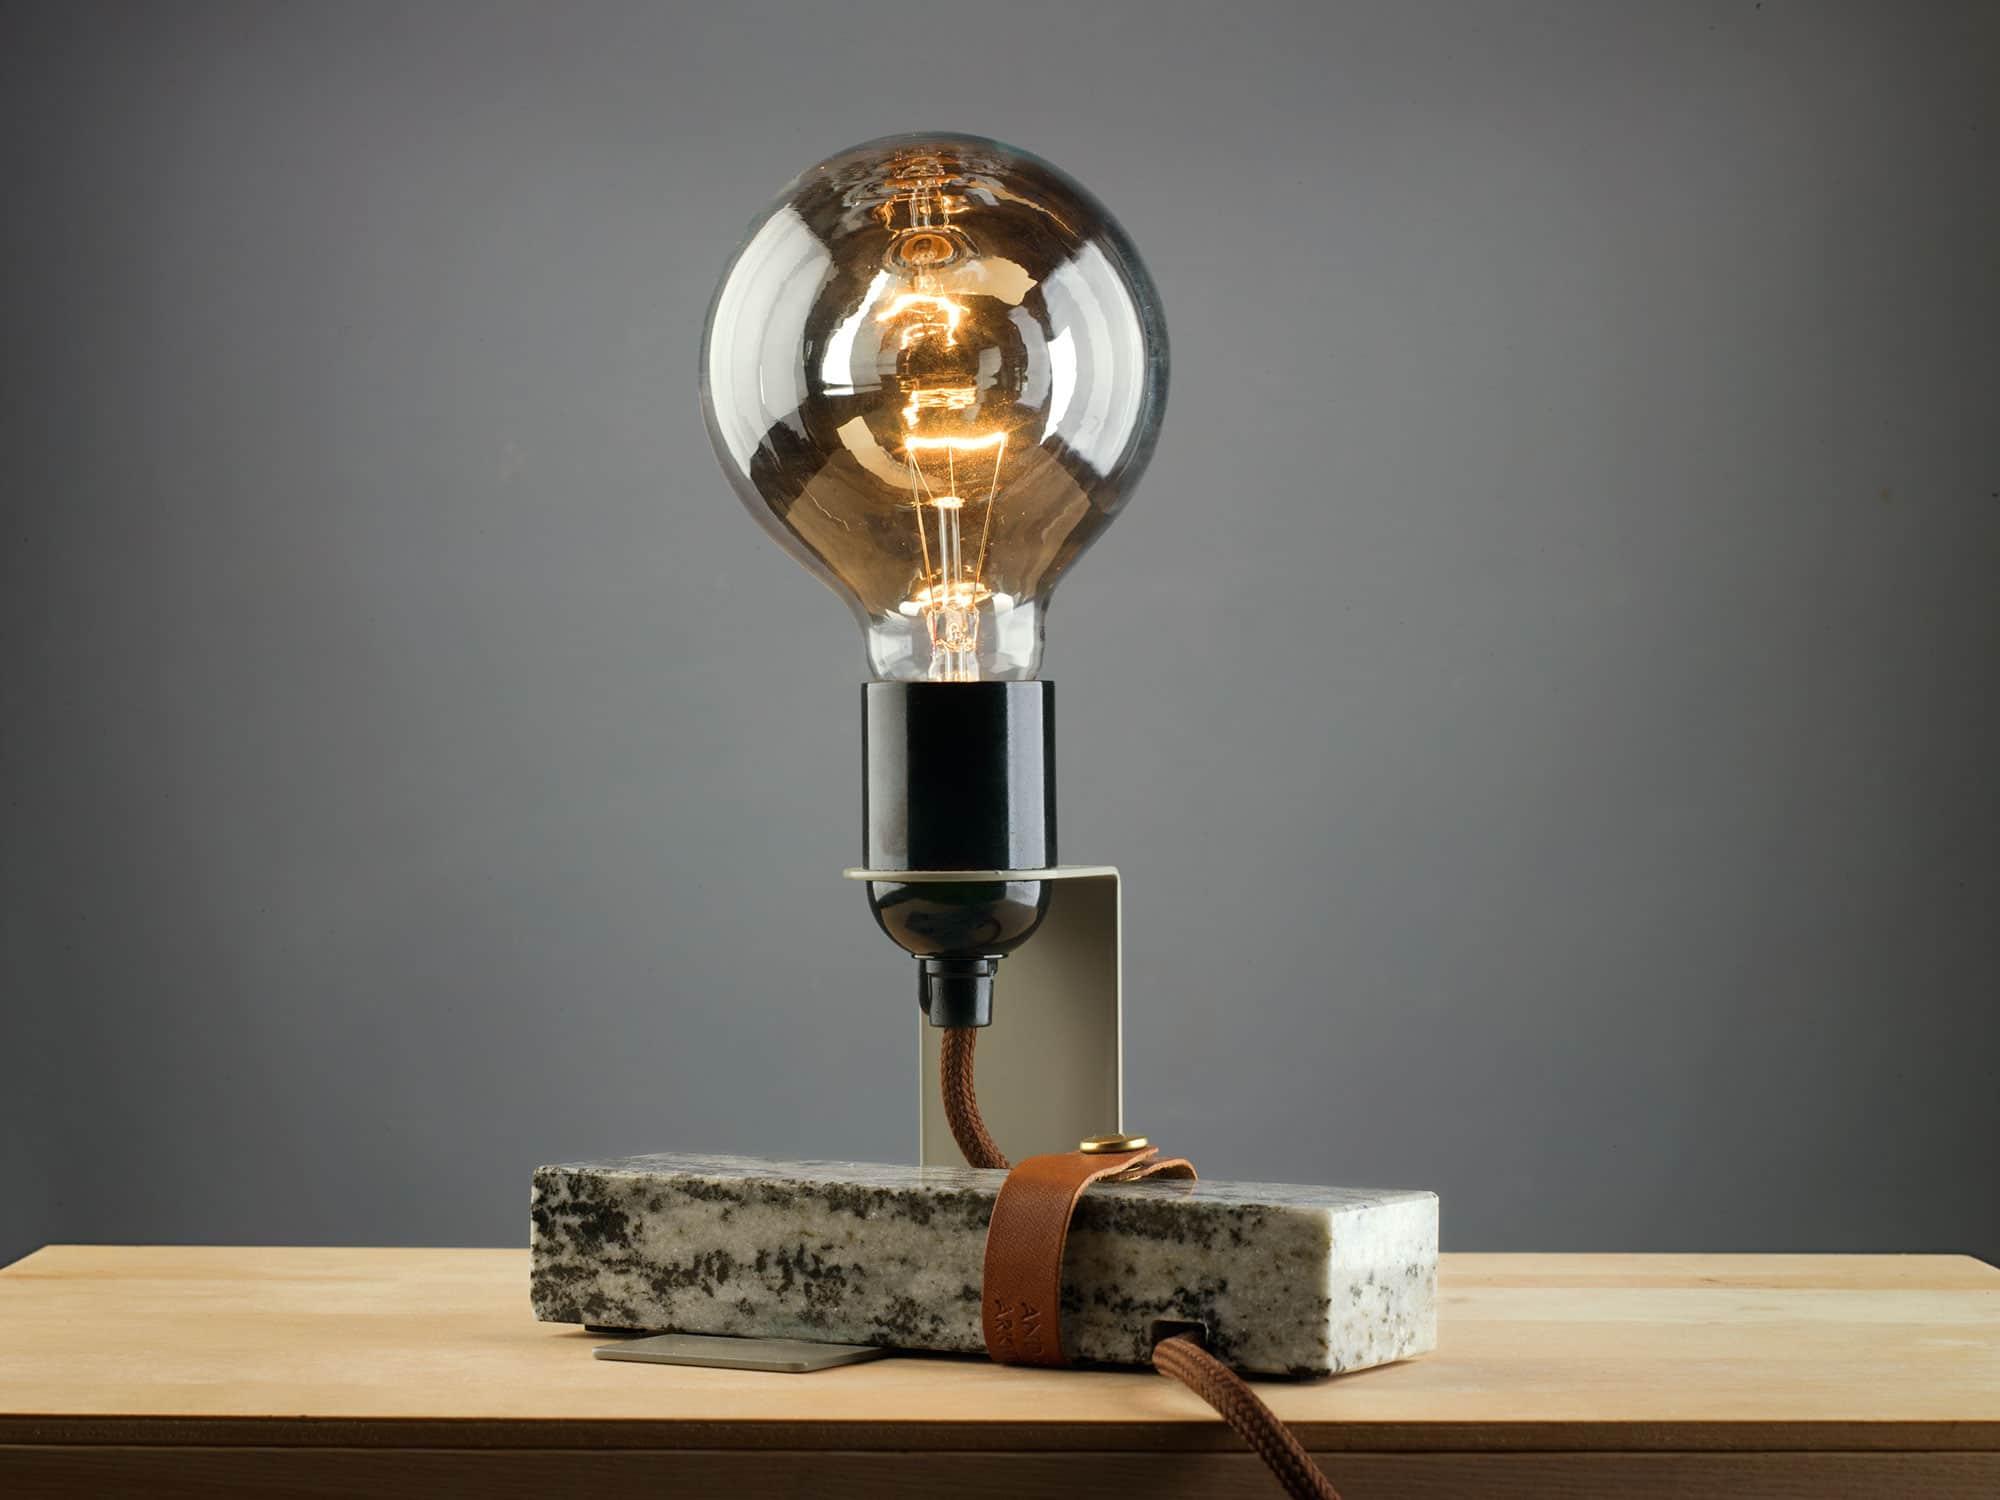 Lampa Andreas | trendkungen.se